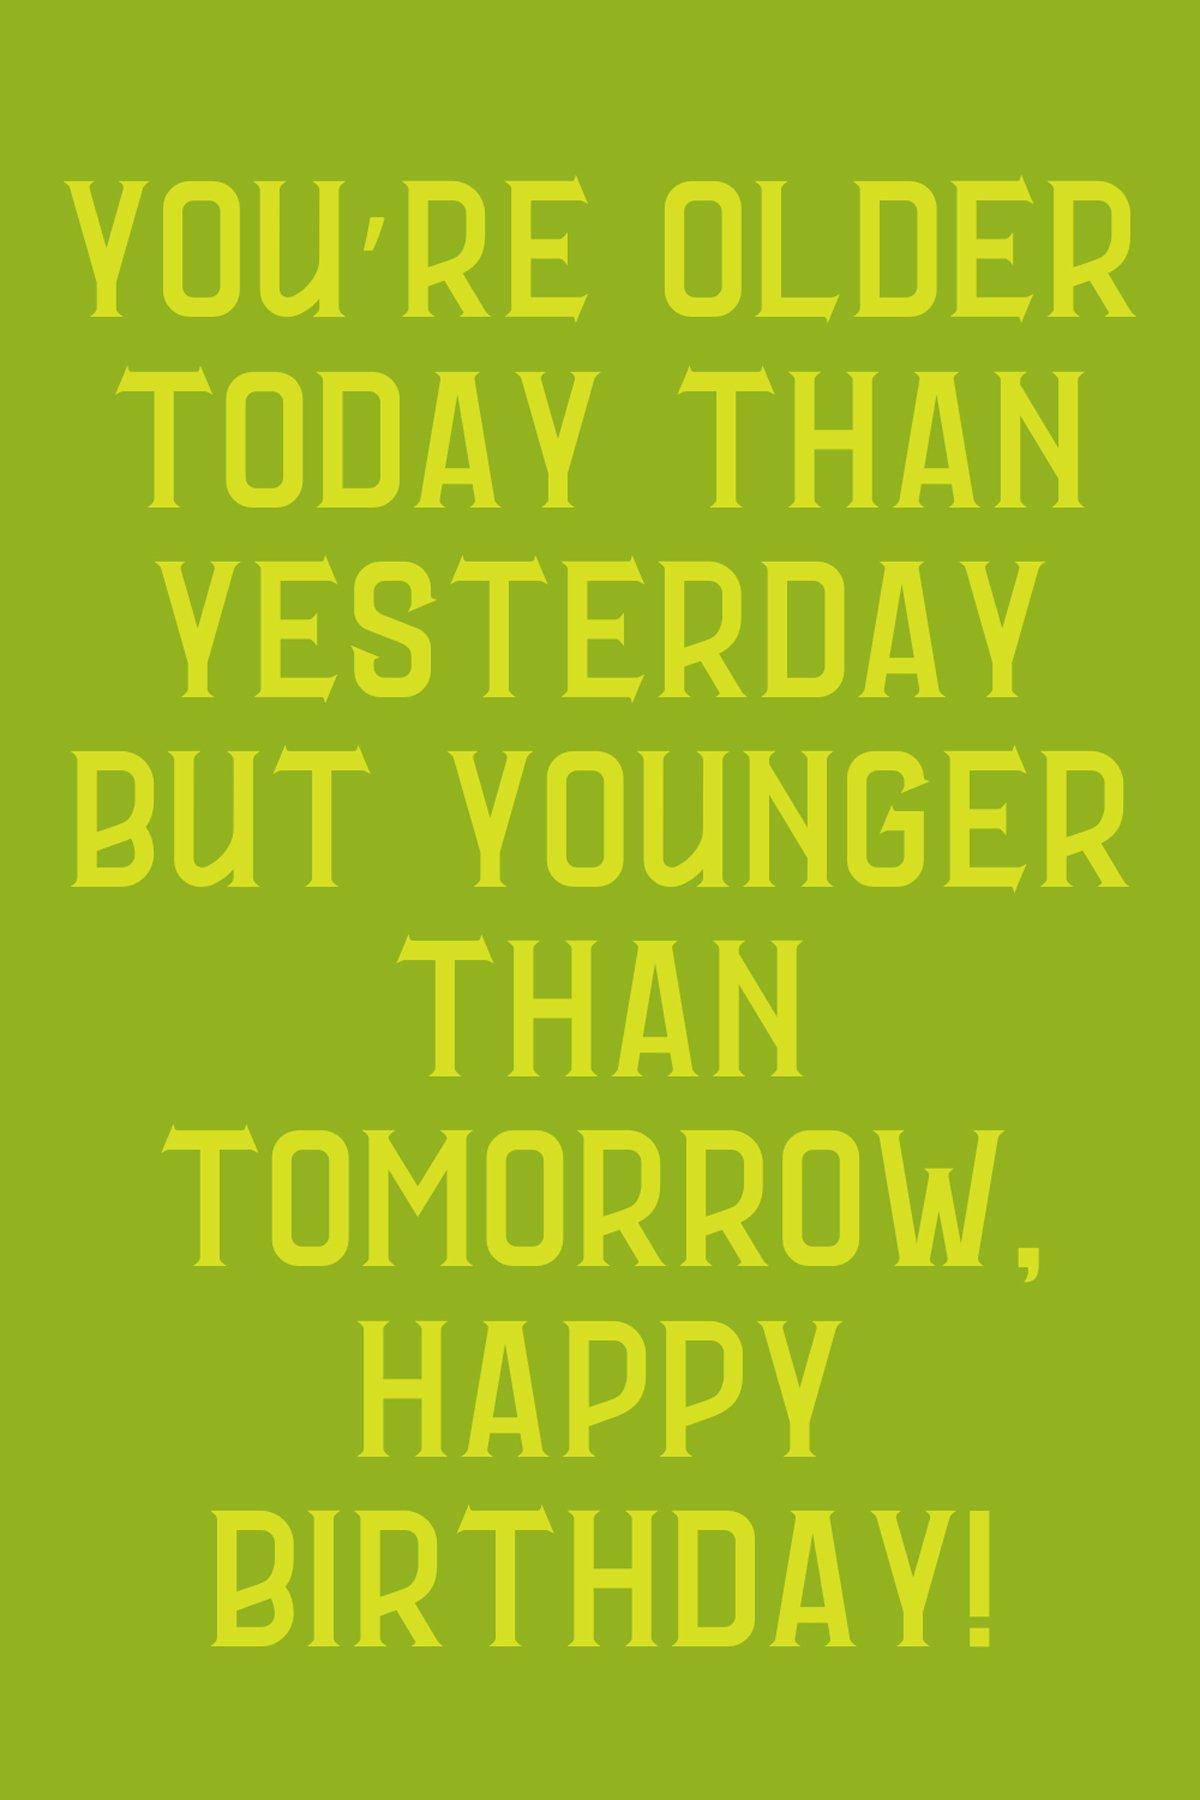 Celebration Quotes For happy Birthdays